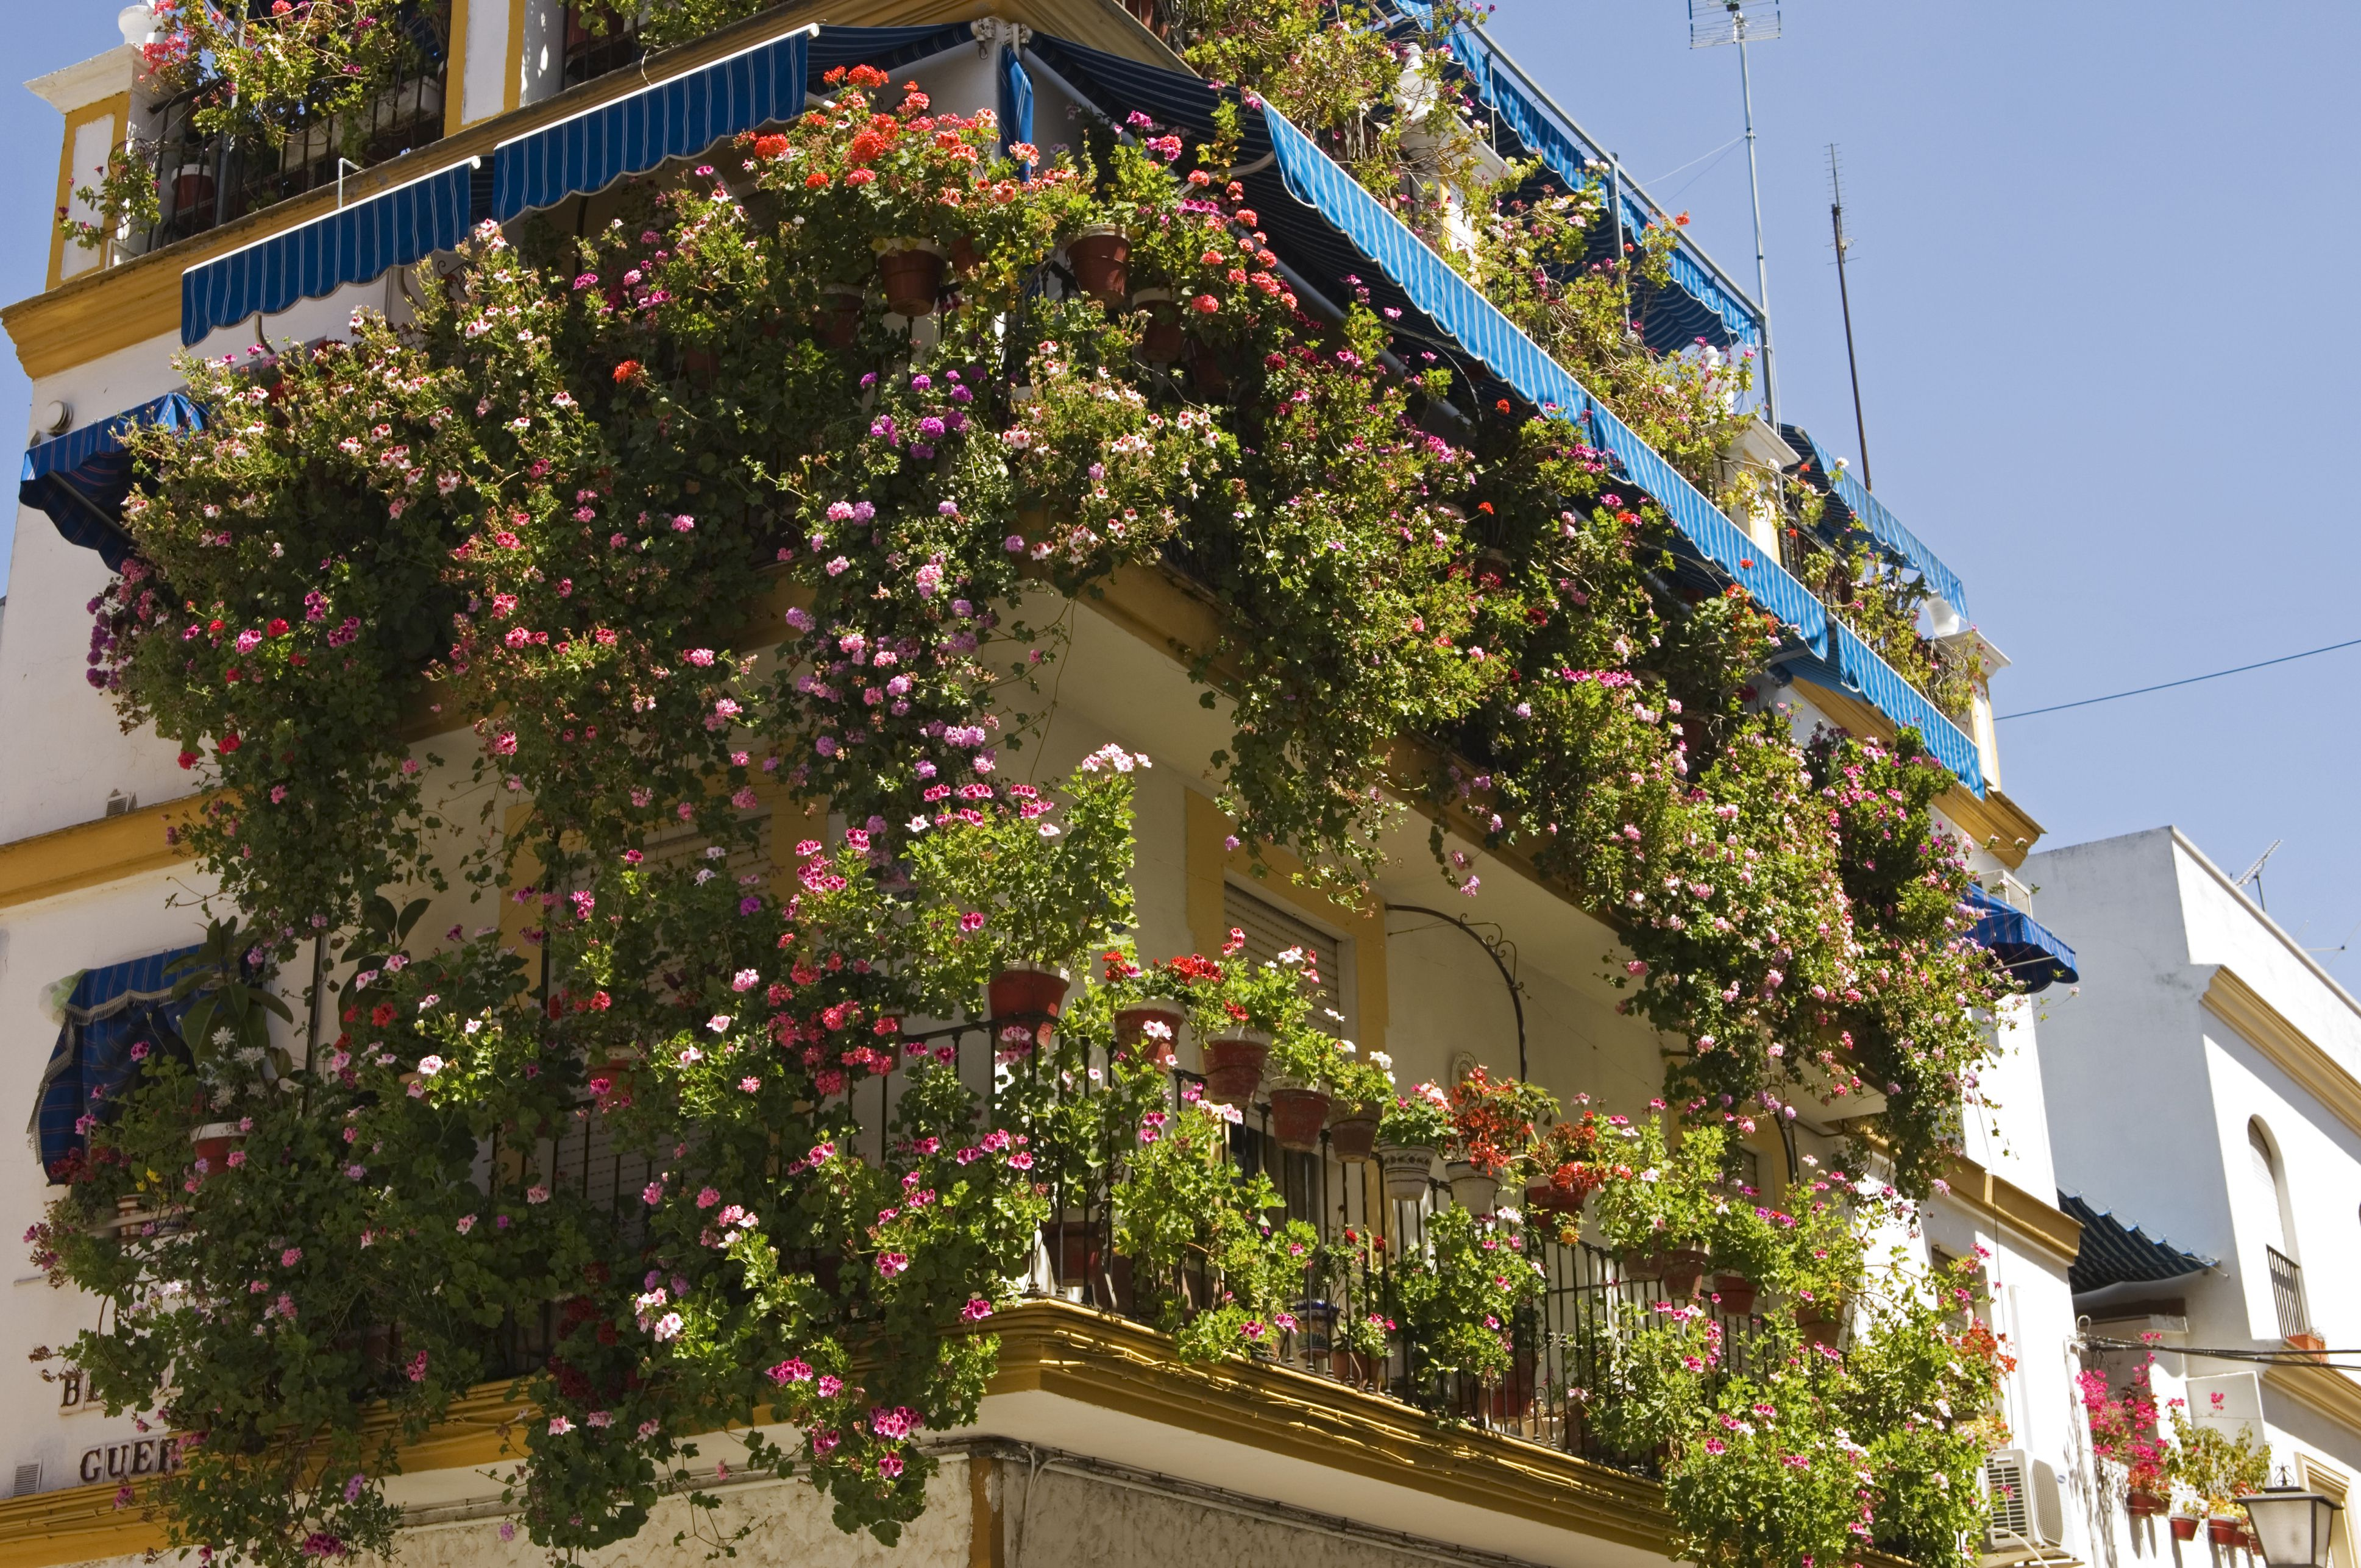 Balcony Flower Gardening for Beginners